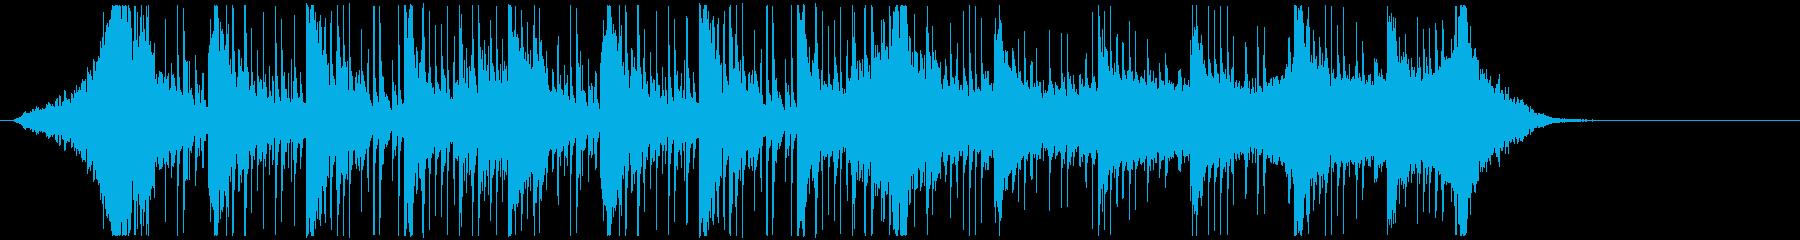 緊張感のあるオーケストラ曲の再生済みの波形